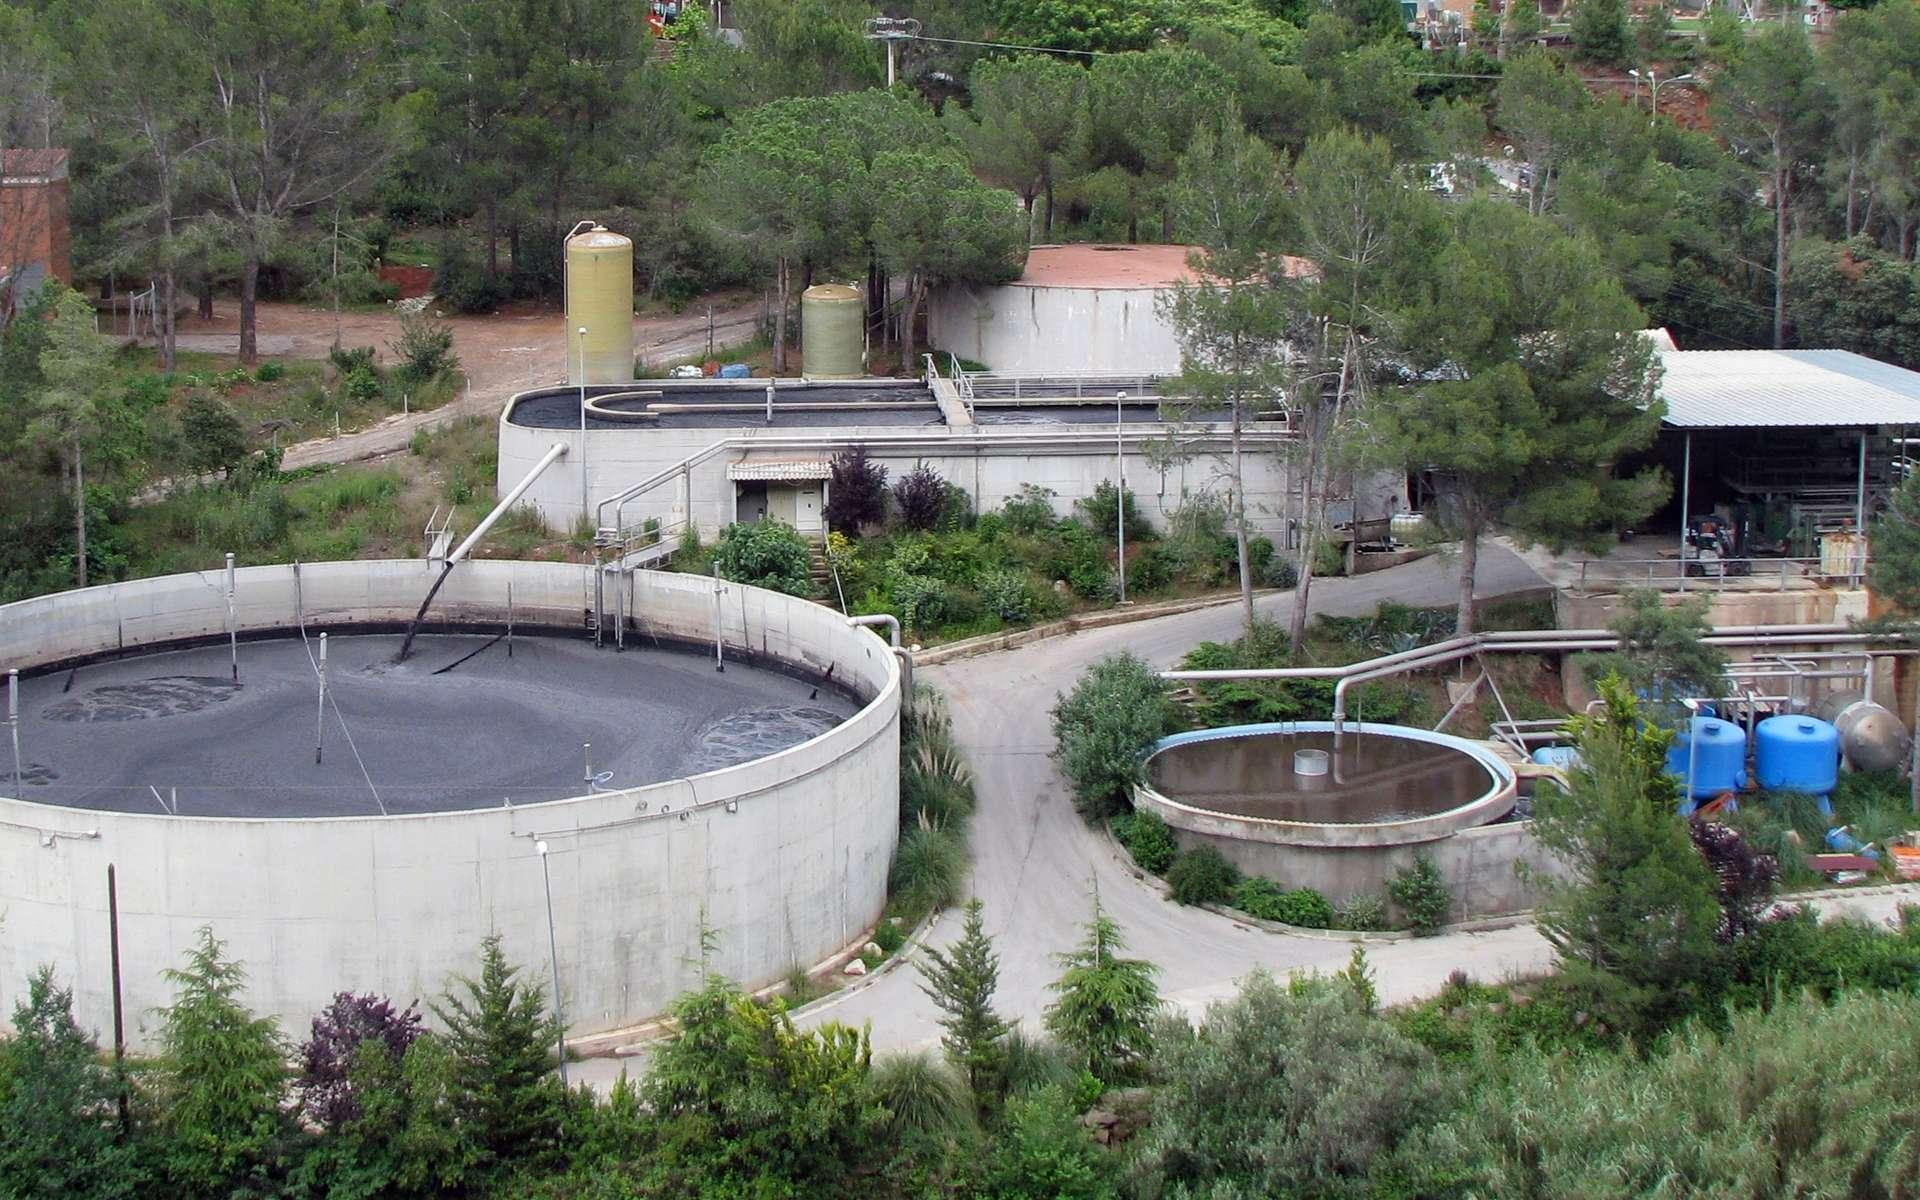 Avant d'être rejetées, les eaux usées sont traitées dans des cuves (à l'image, à Castellar del Vallès, en Espagne). © Xavigivax, cc by sa 3.0